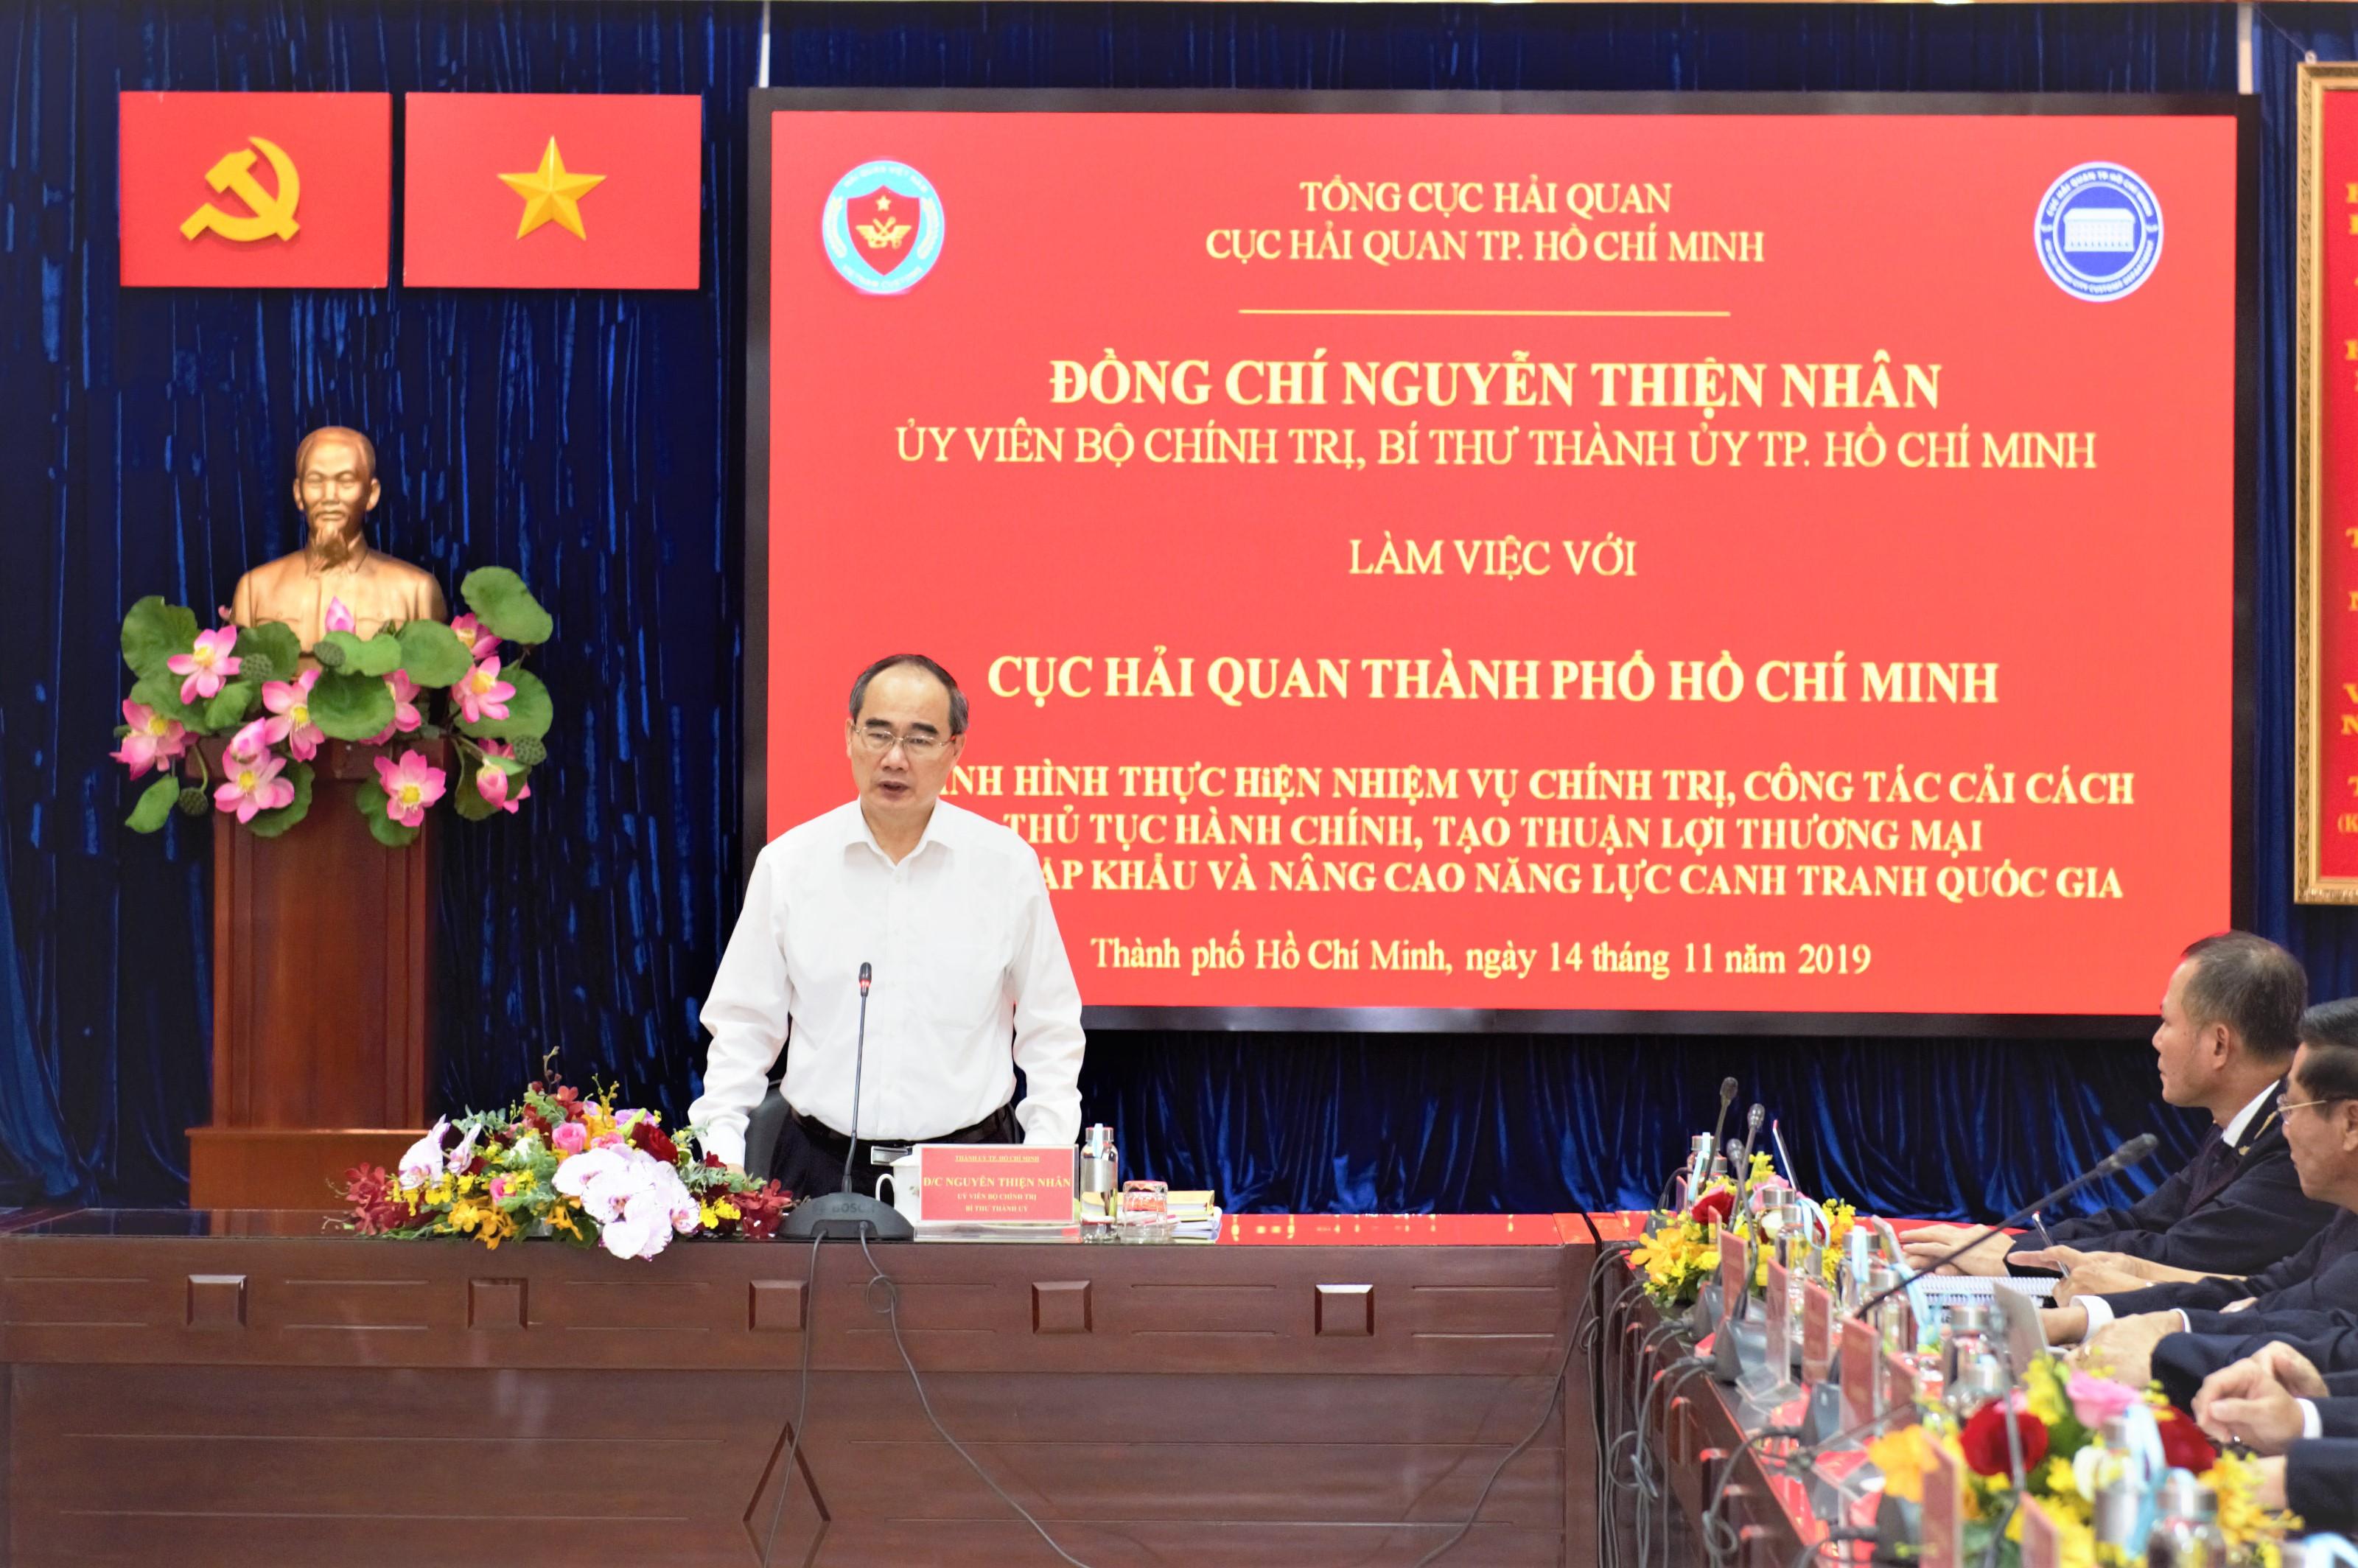 Ủy viên Bộ Chính trị, Bí thư Thành ủy Thành phố Nguyễn Thiện Nhân làm việc với Cục Hải quan TP. Hồ Chí Minh.